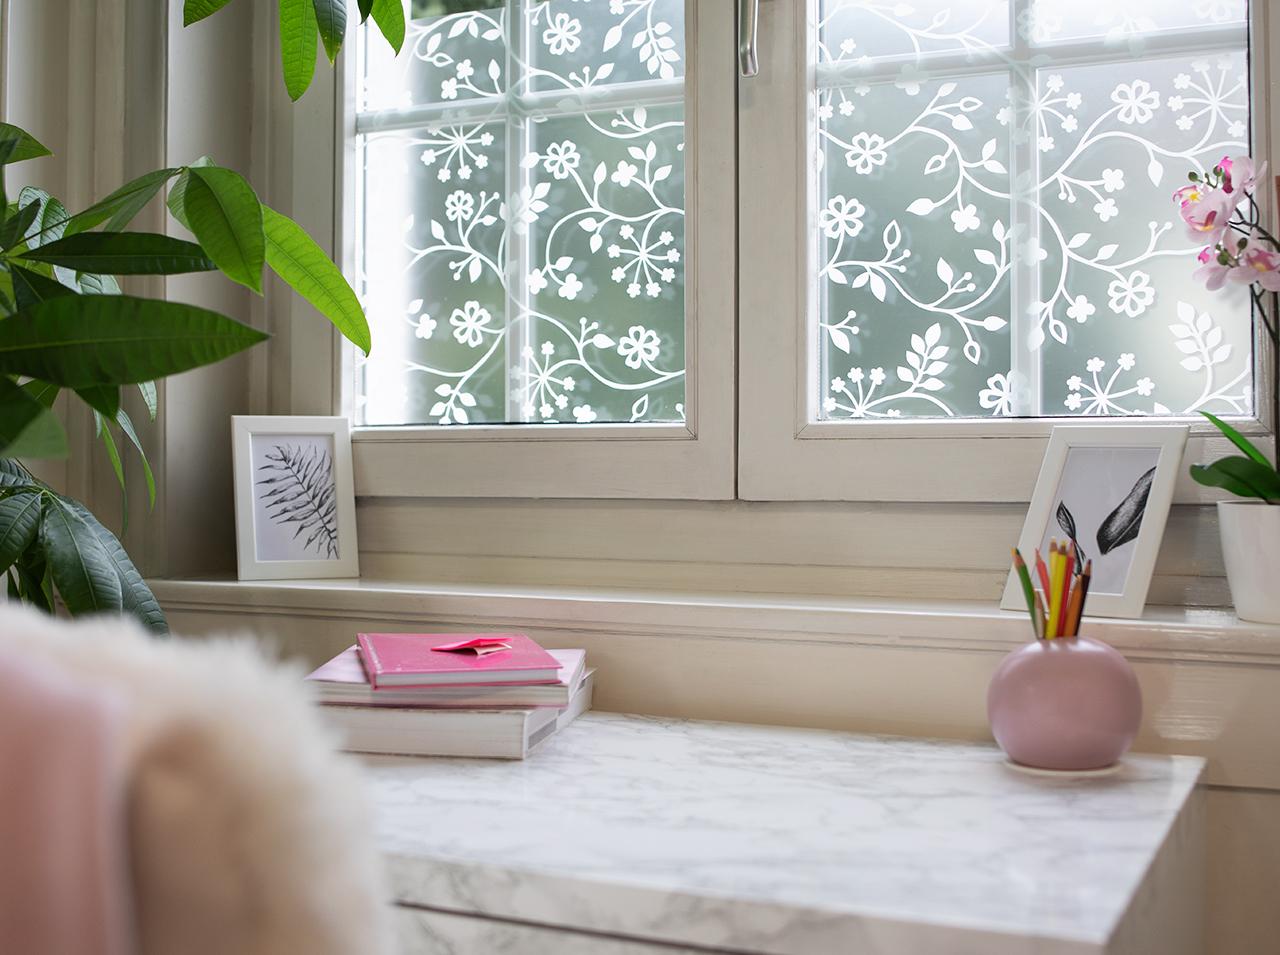 Nowa aranżacja biurka dzięki szarej folii samoprzylepnej d-c-fix® Marmi o wyglądzie marmuru. Okna pokryte folią okienną d-c-fix® Tord white dla atrakcyjnej ochrony prywatności.